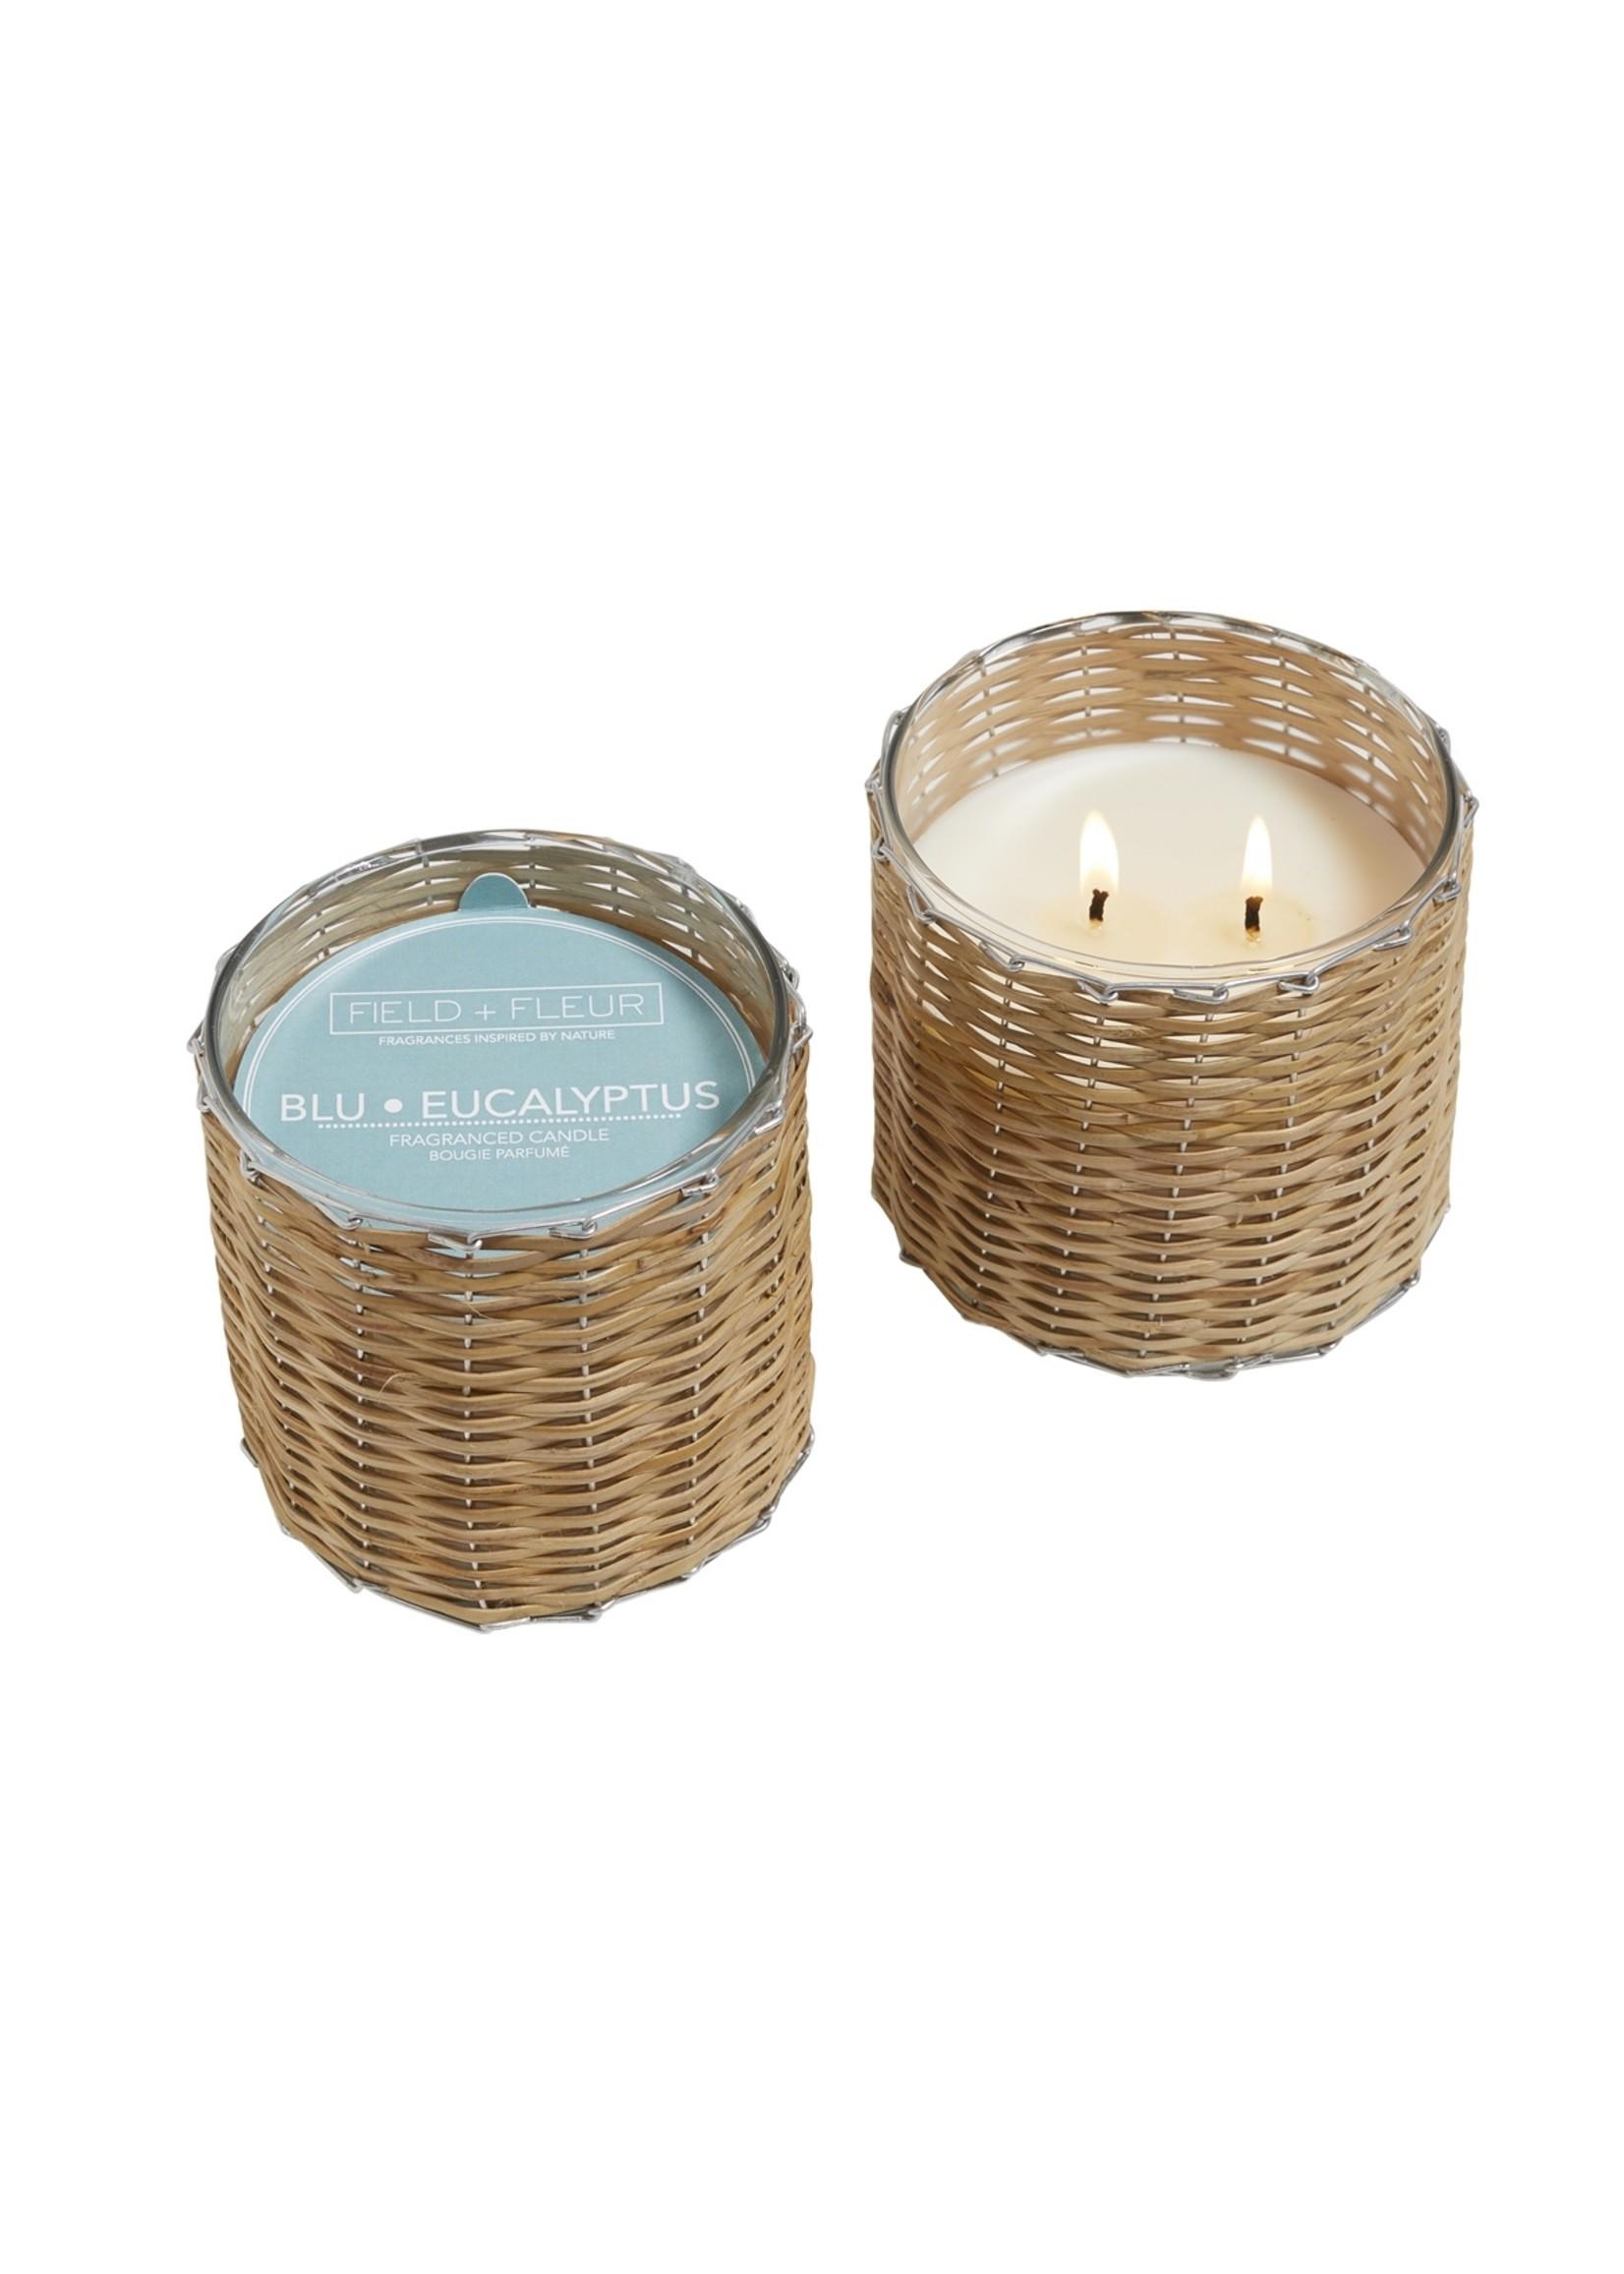 2 Wick Handwoven Candle 12 oz Blu Eucalyptus